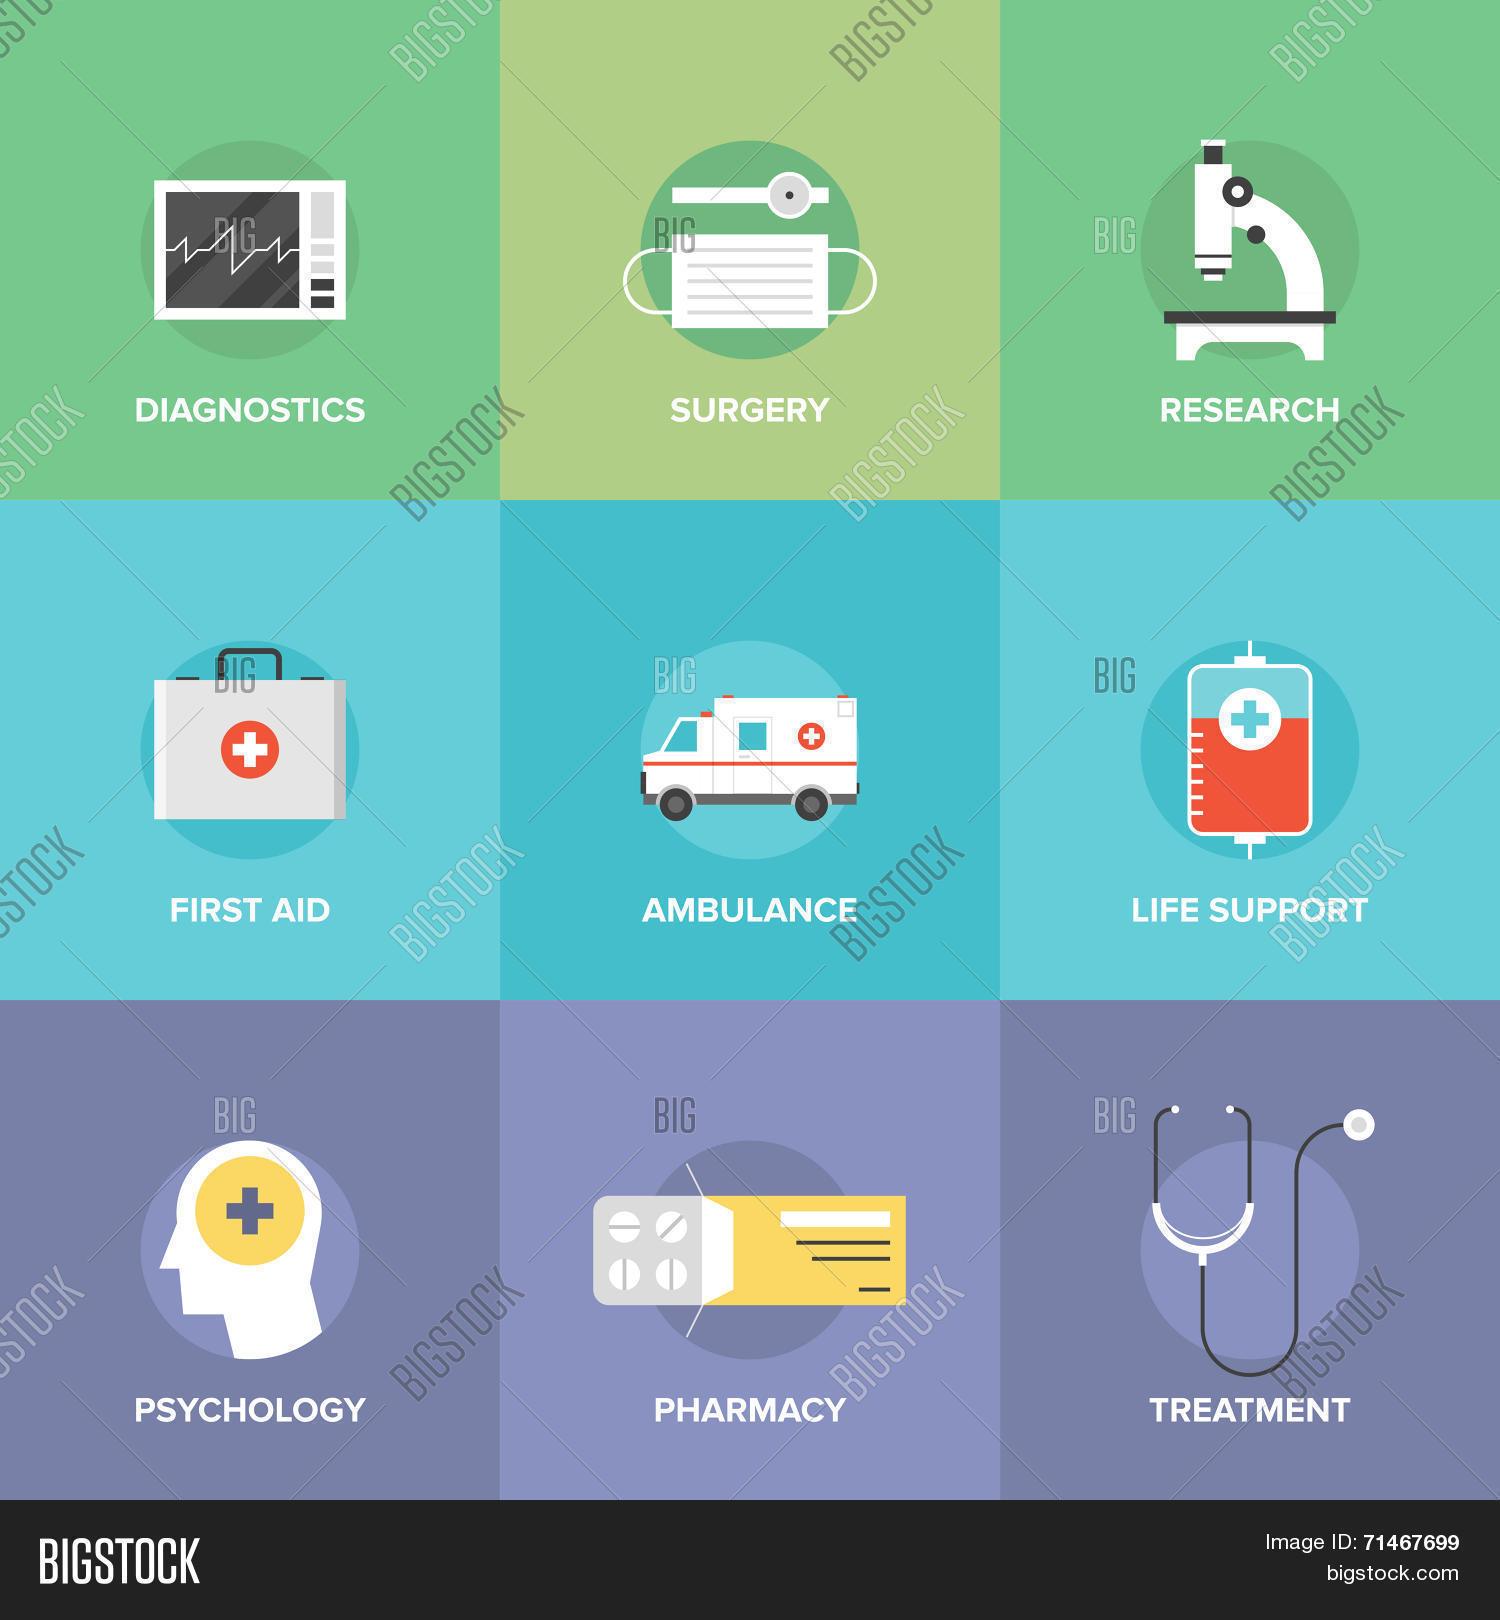 Healthcare Medicine Vector & Photo (Free Trial) | Bigstock